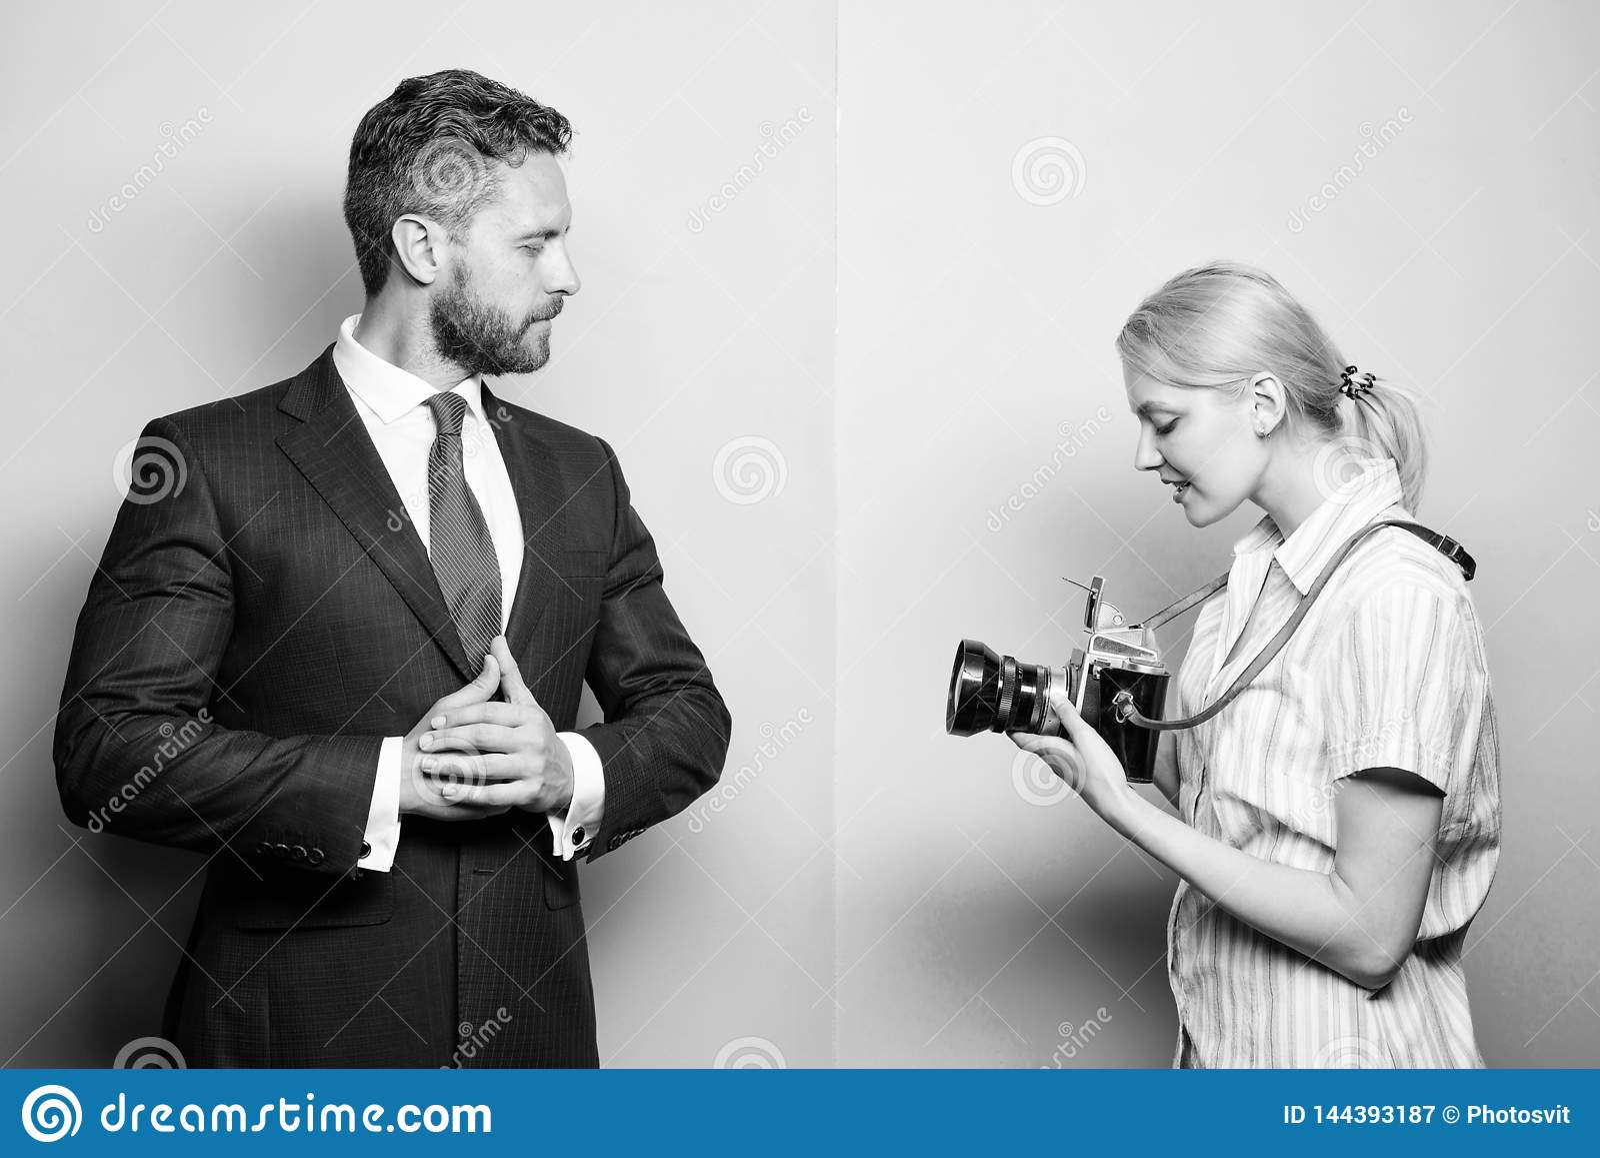 Fotograf, der Foto erfolgreichen Gesch?ftsmann nimmt Paparazzikonzept Photosession f?r Handelszeitung stattlich